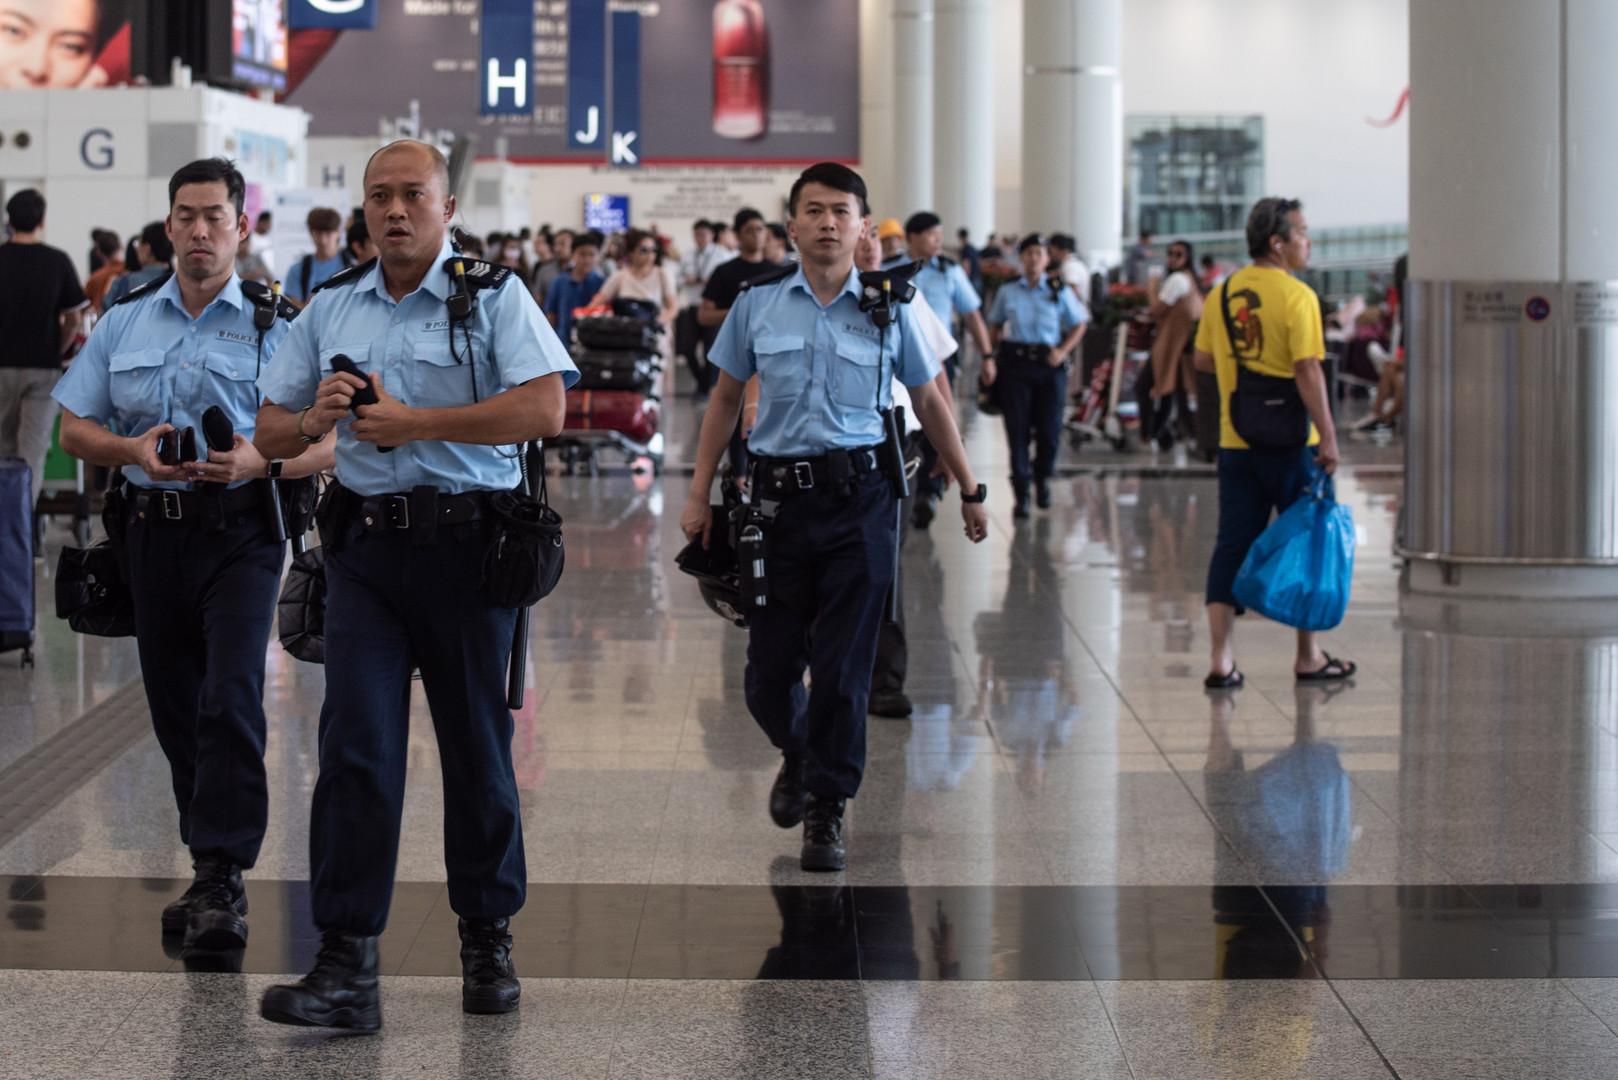 بكين مخاطبة واشنطن: توقفوا عن حشر أنوفكم في هونغ كونغ!